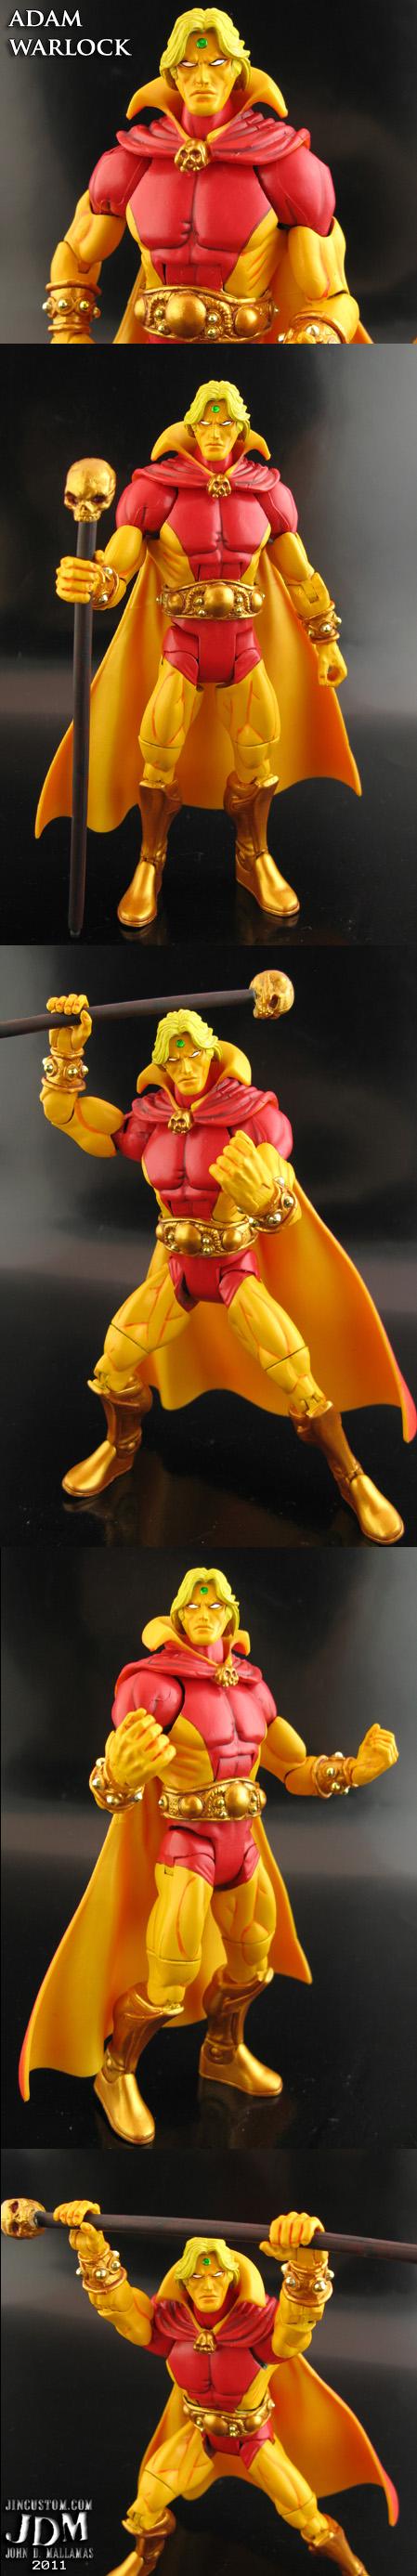 Custom Adam Warlock